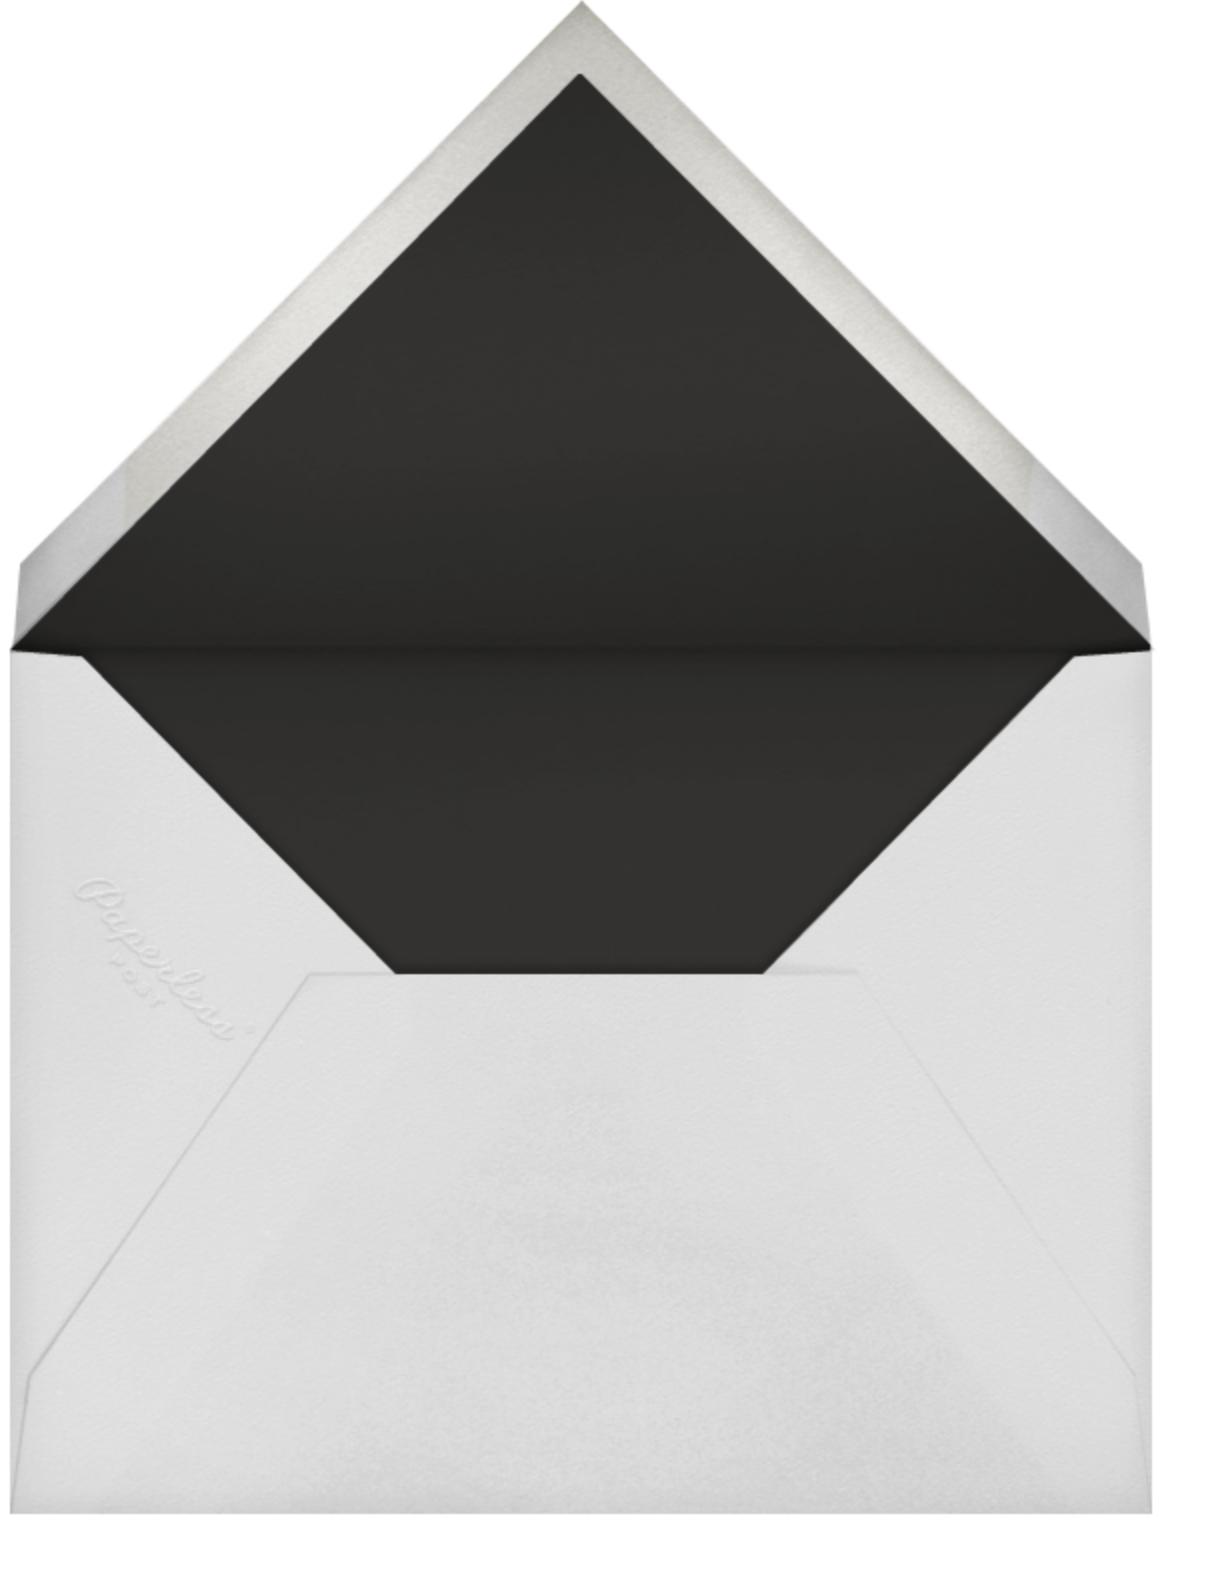 Richmond Park (Invitation) - Navy/Silver - Oscar de la Renta - All - envelope back